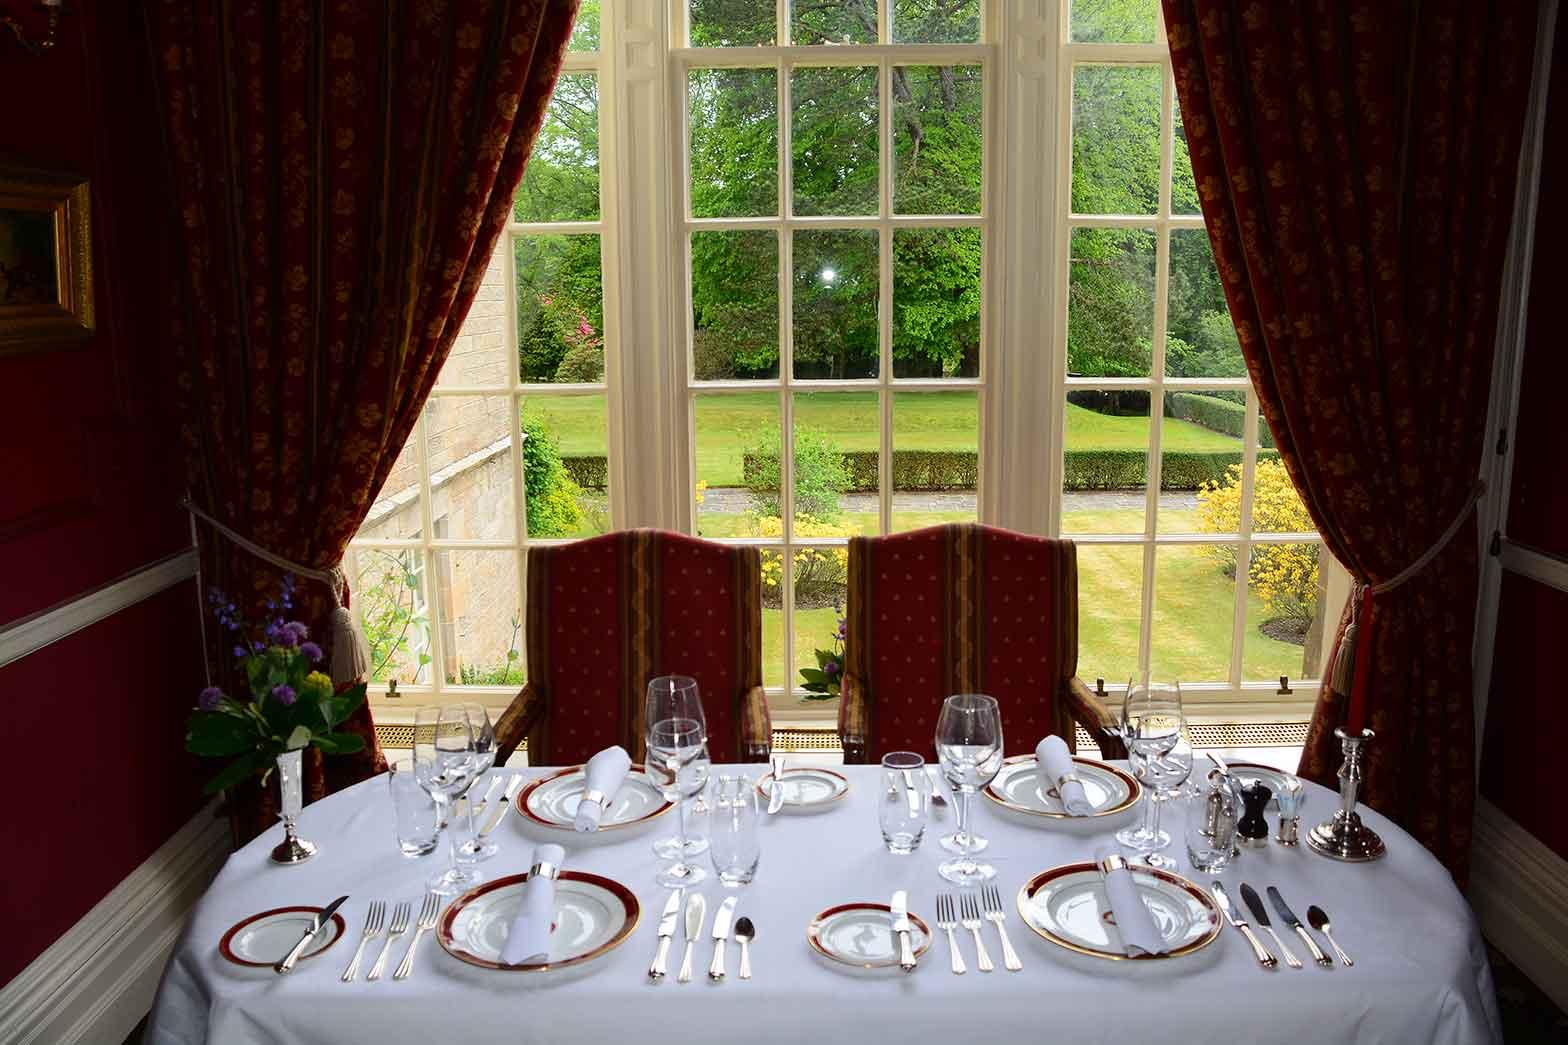 Dinner setting at Ballantrae Castle